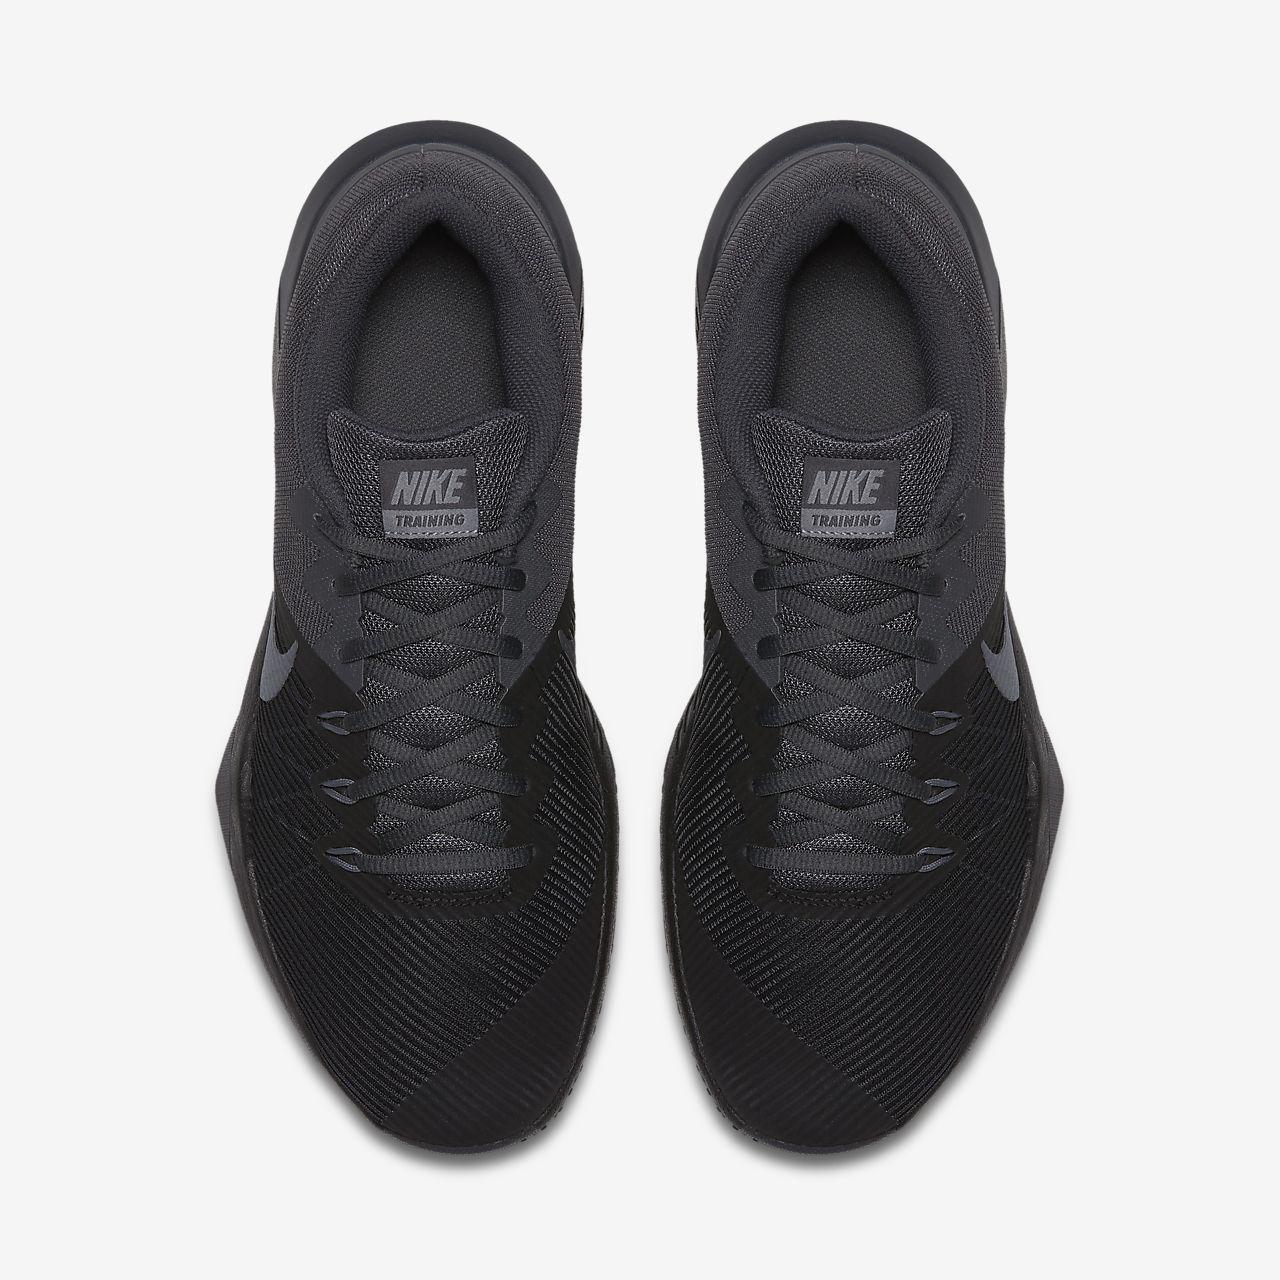 f9a177fac45eb zapatillas de fitness cross training de hombre zoom train complete nike